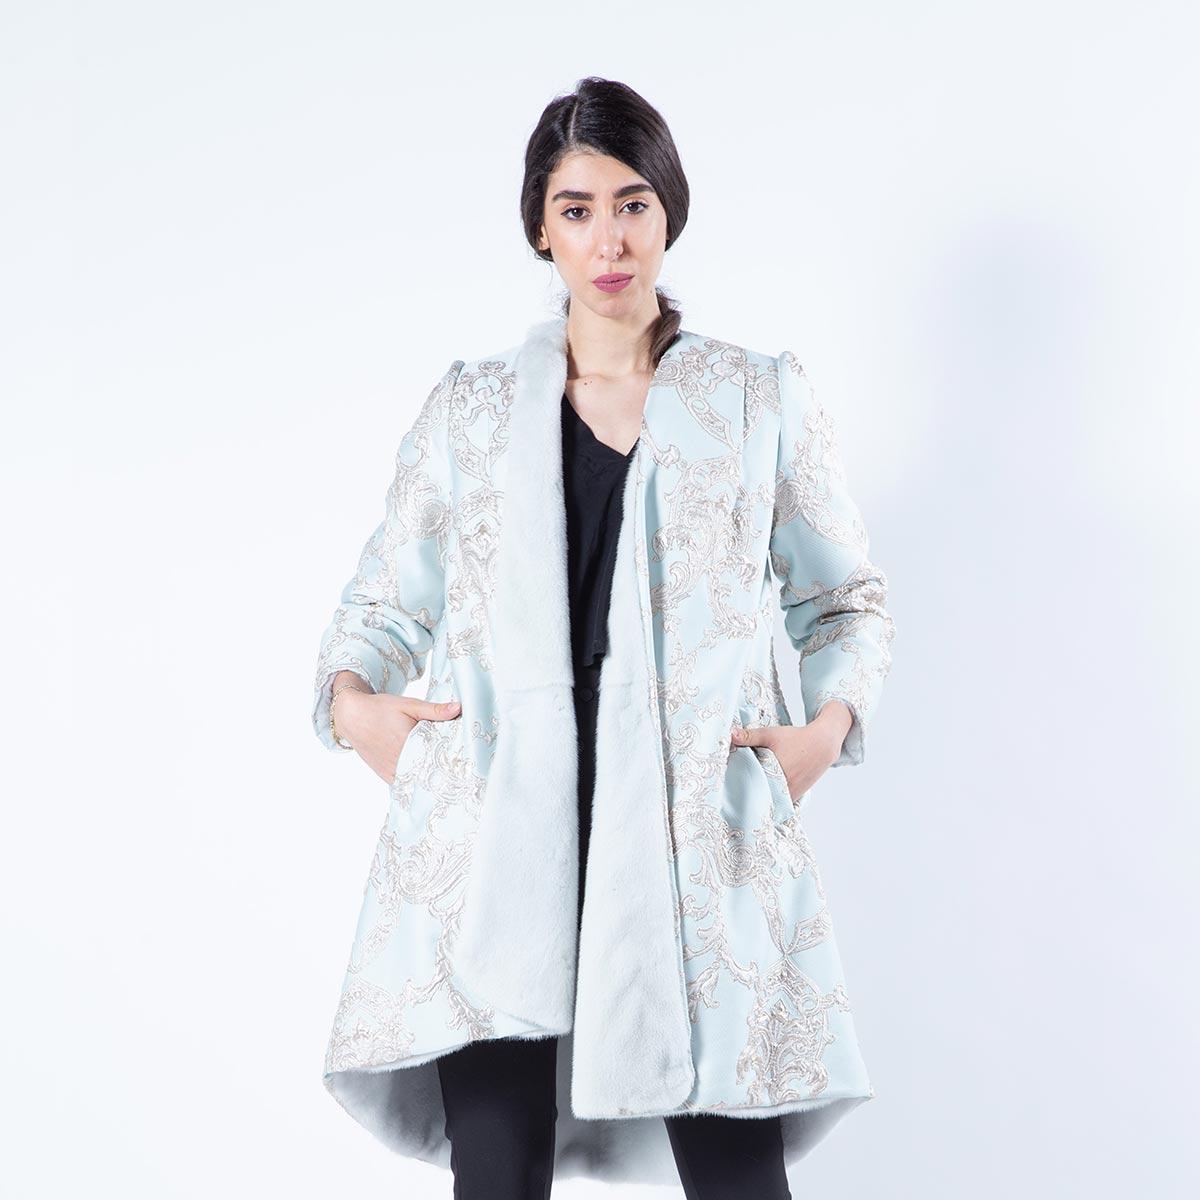 Verde Acqua Mink Fur and Fabric Coat | Шуба из норки цвета Verde Acqua и ткани - Sarigianni Furs